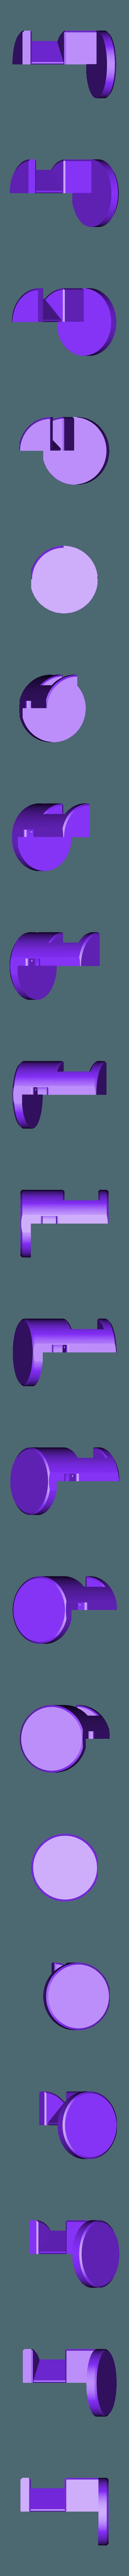 lément_1b.stl Download free STL file Big puzzle cube 1001 • 3D printer model, NOP21